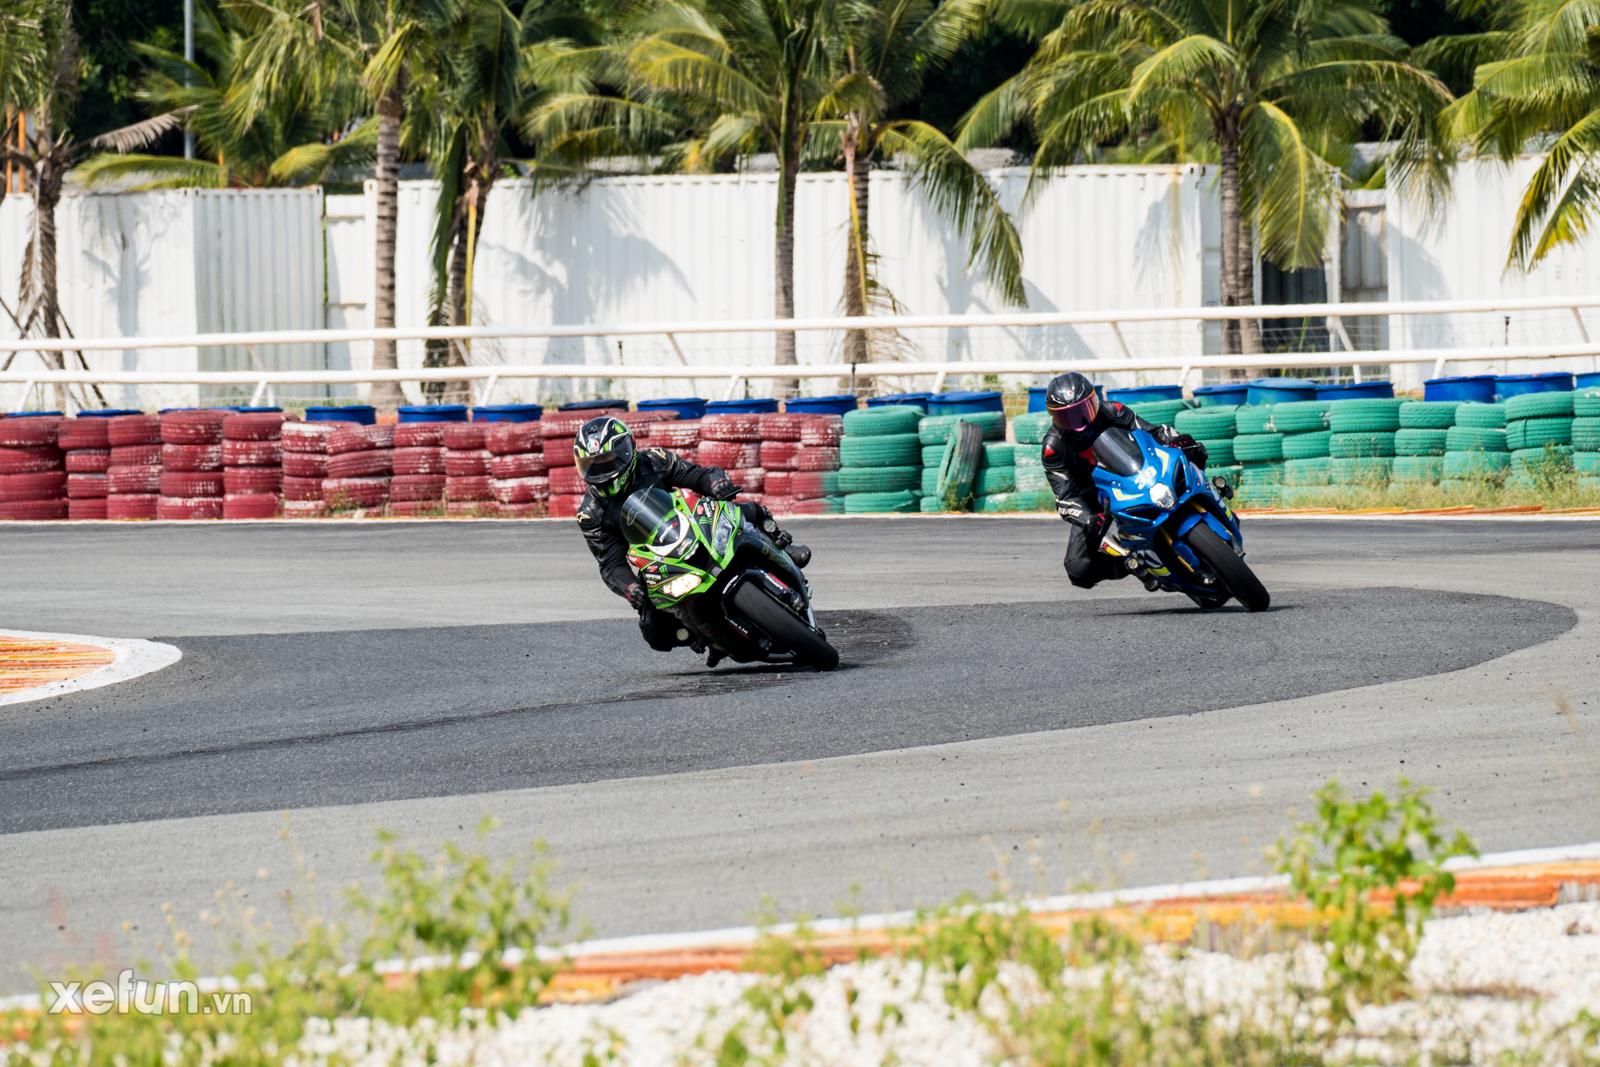 Các tay đua nài xe phân khối lớn PKL BMW S1000RR Ducati Monster Kawasaki Ninja ZX10R tại Trường đua Đại Nam trên Xefun (1)435465